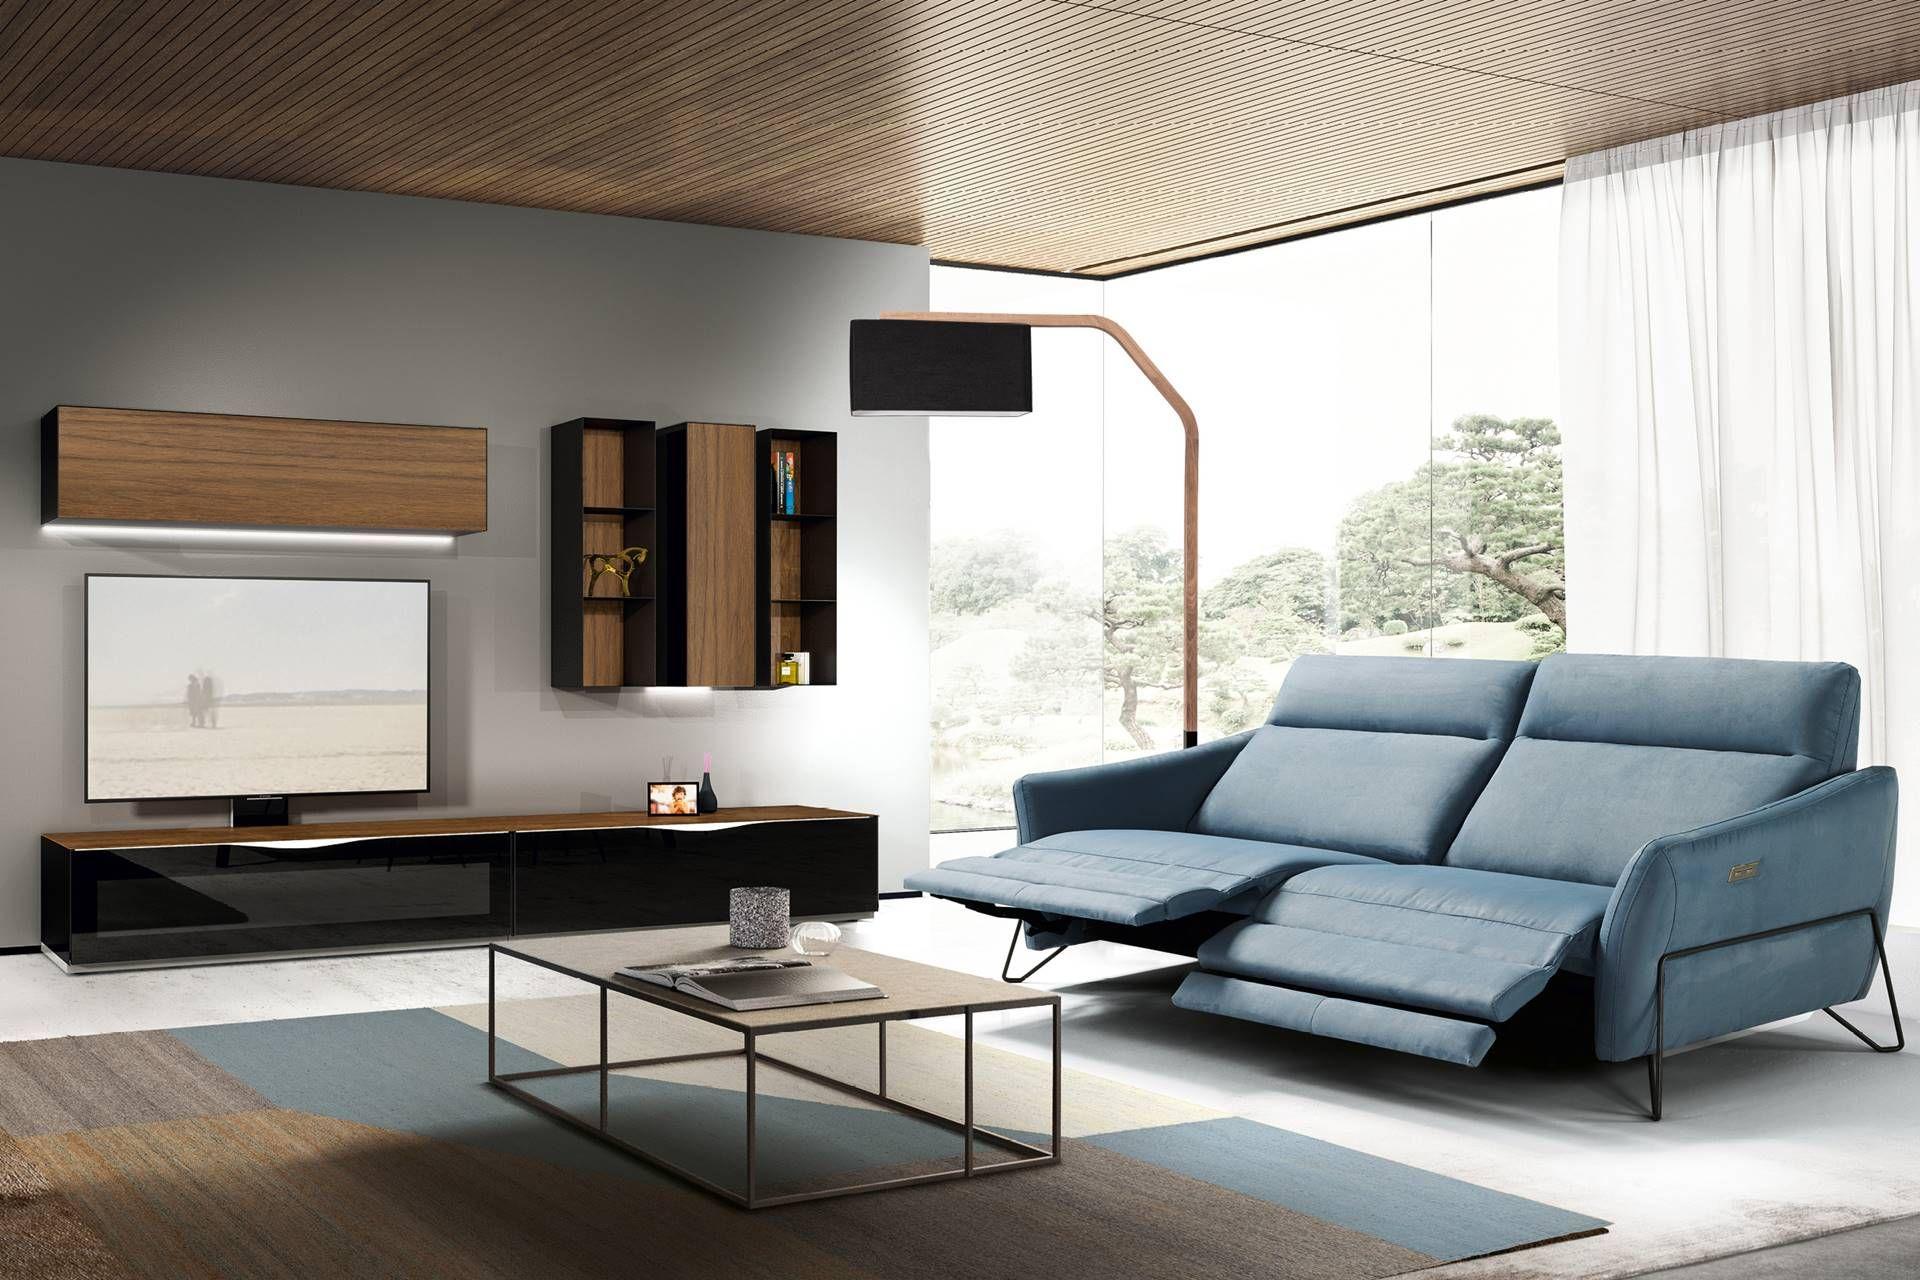 Canape Relaxation Pietement Metal Canape Design Canape Capitonne Mobilier De Salon